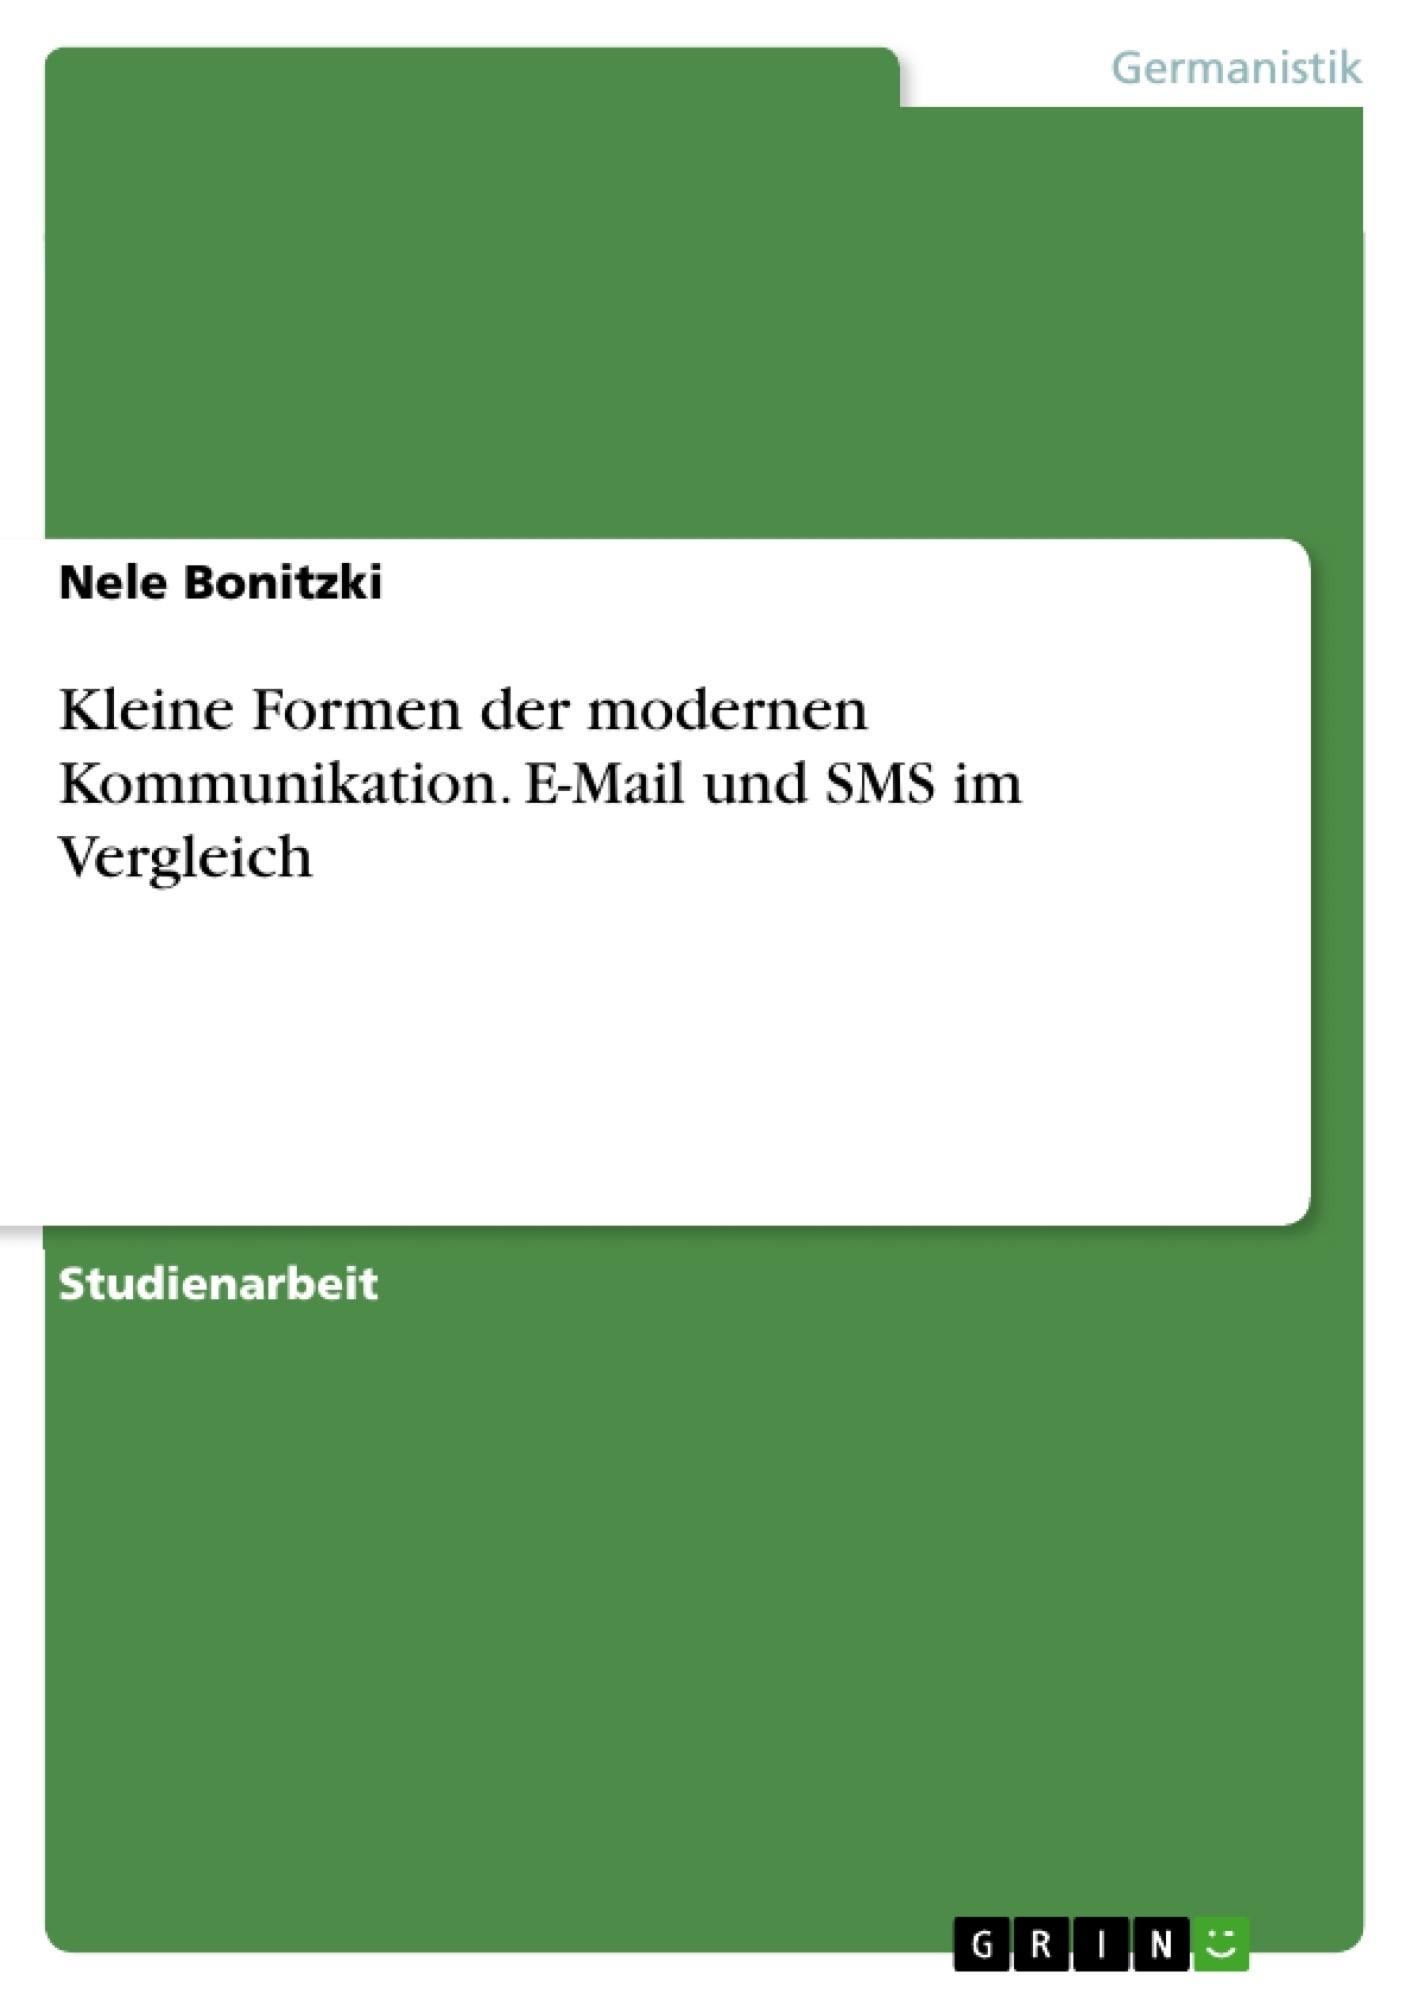 Titel: Kleine Formen der modernen Kommunikation. E-Mail und SMS im Vergleich